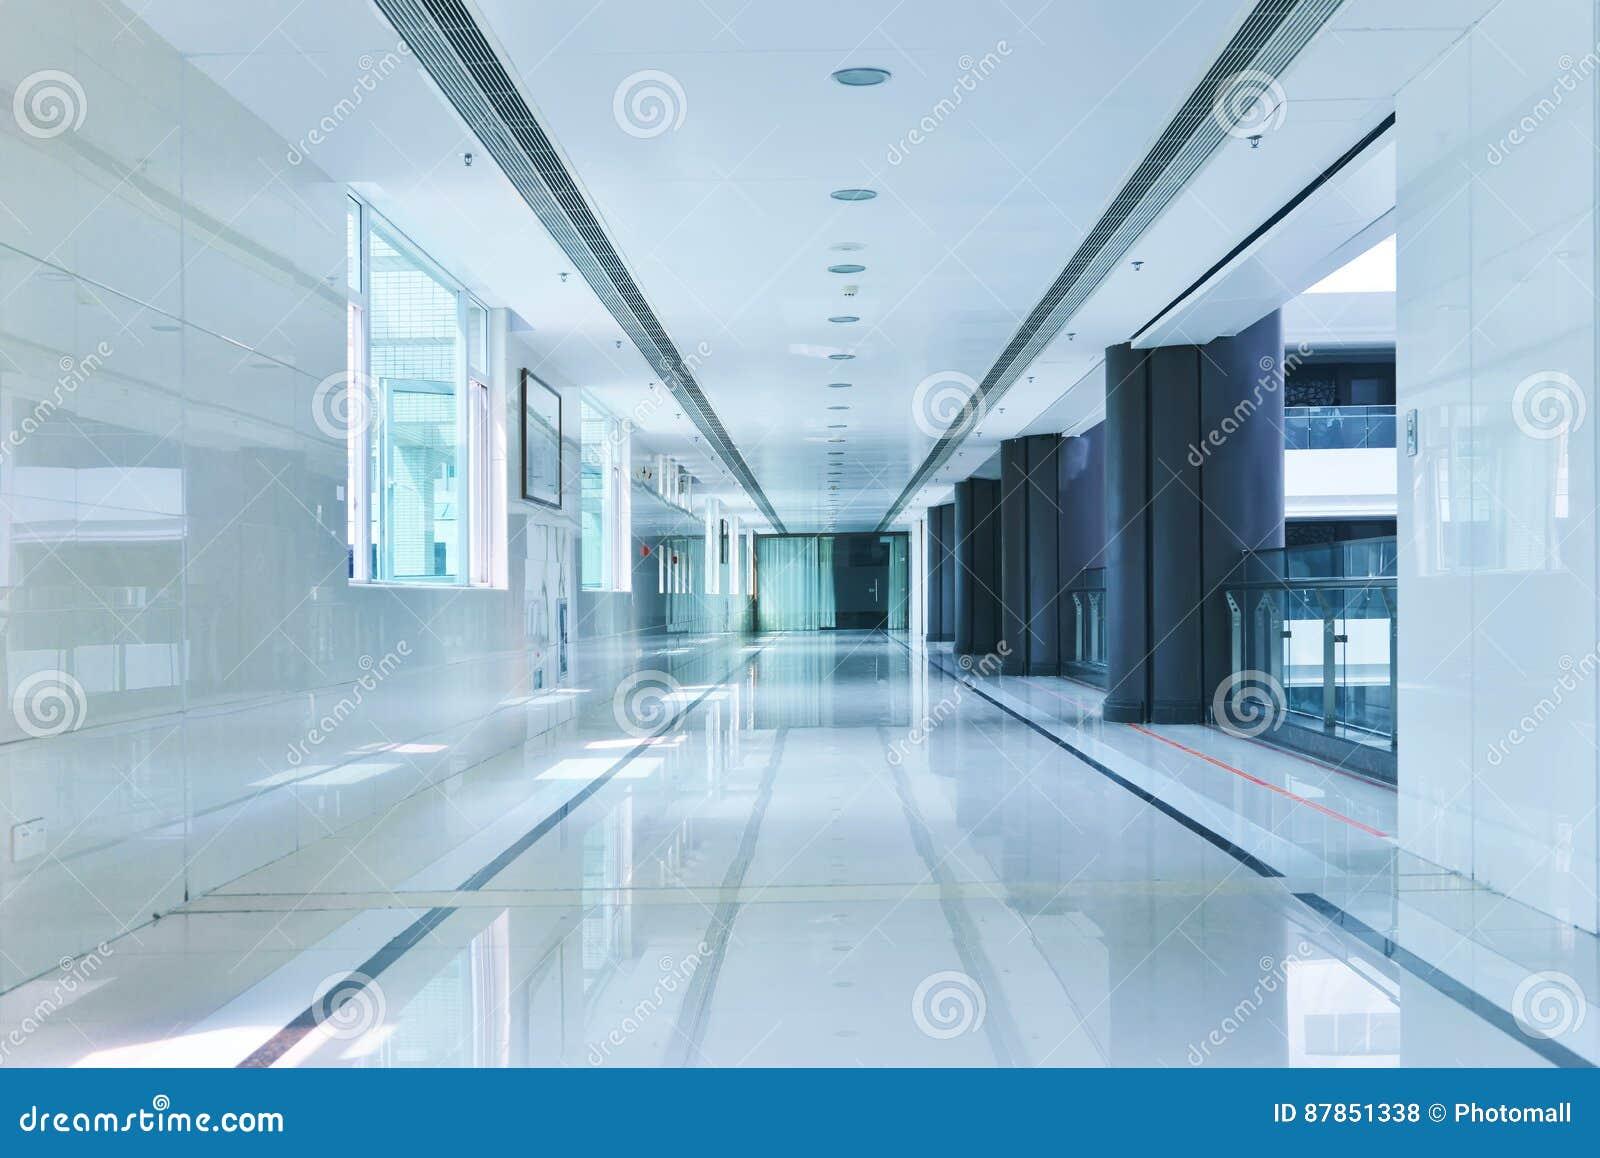 现代办公楼走廊